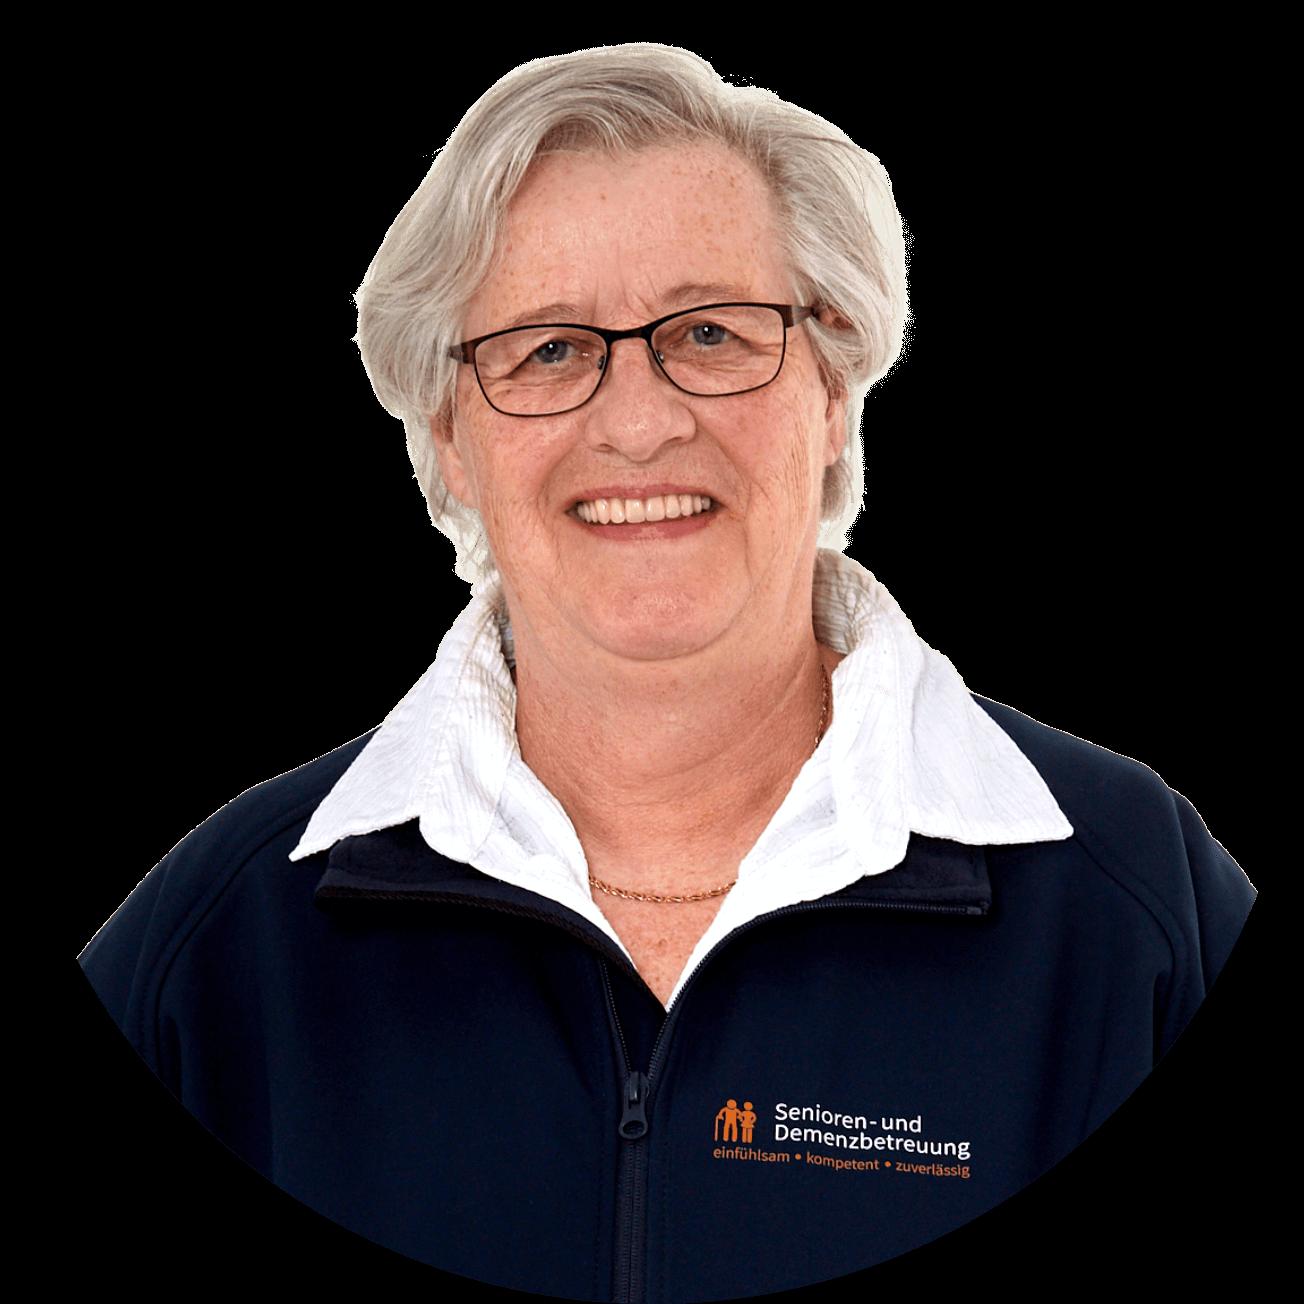 Christiane Senioren & Demenzbetreuung